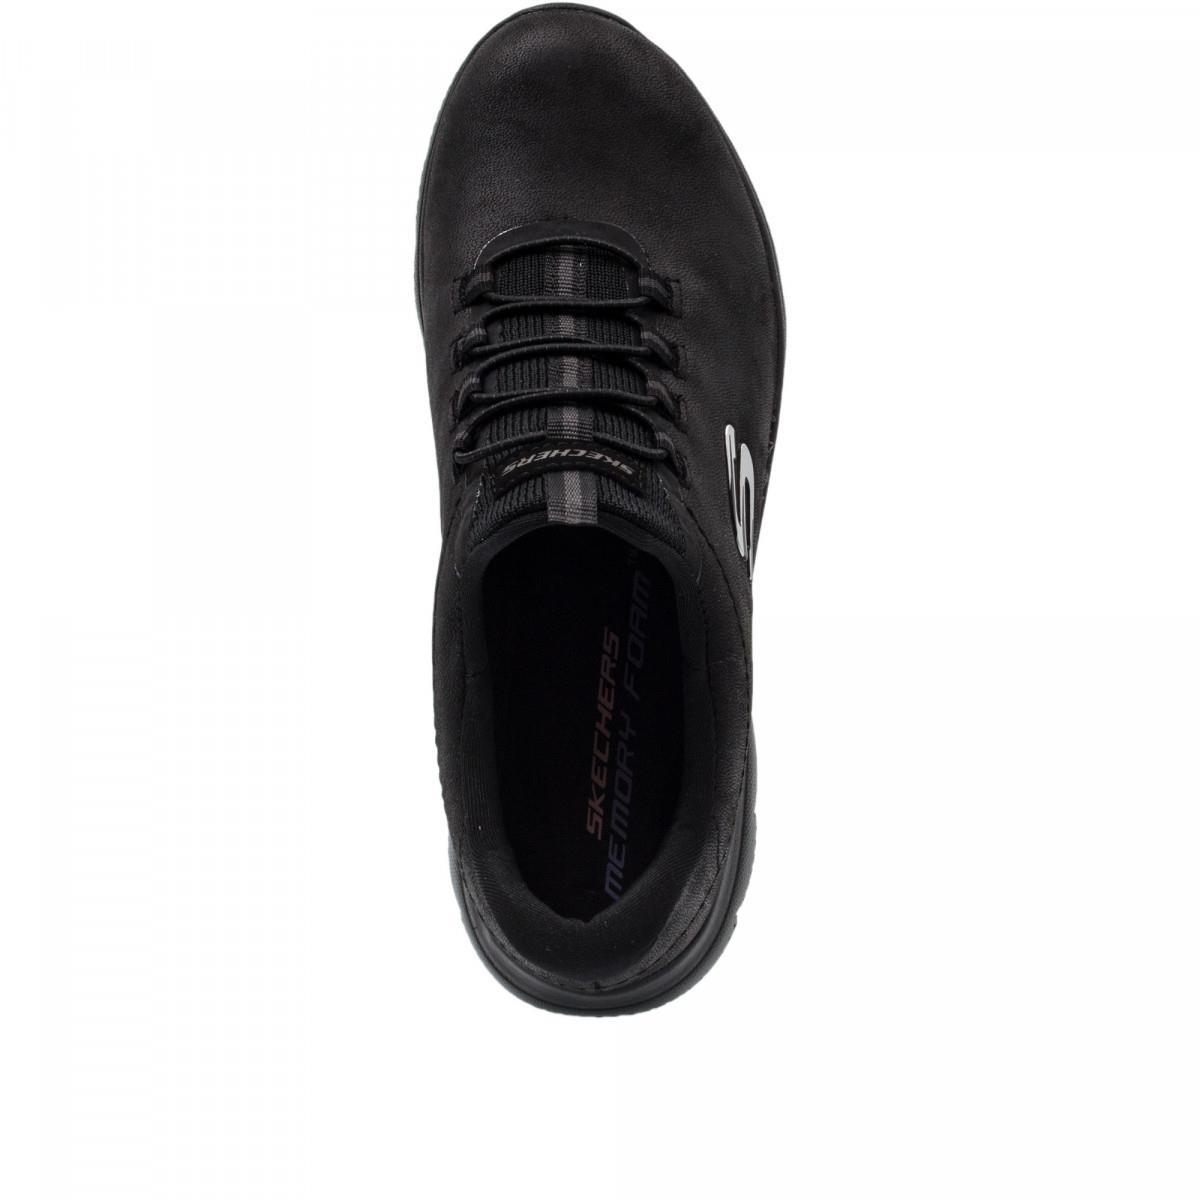 Skechers Summıts Kadın Ayakkabısı SKC88888301 BBK